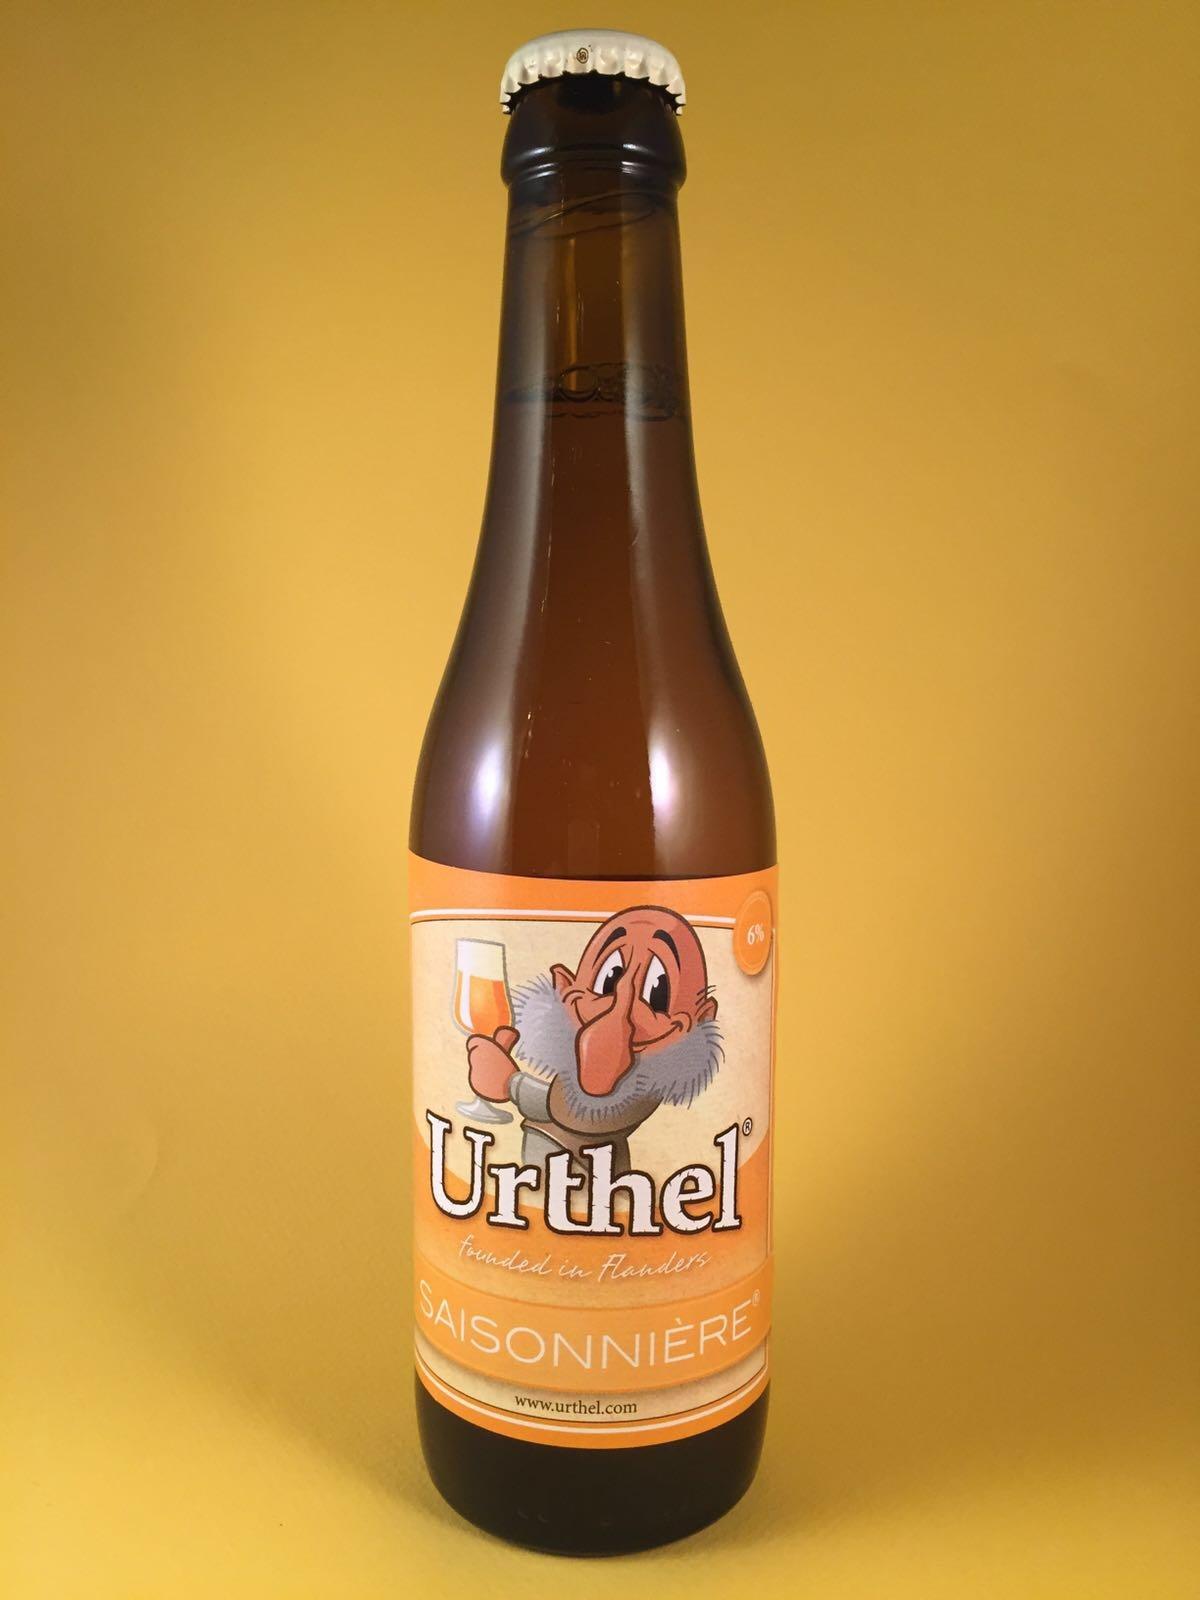 Urhtel Herkomst: Tilburg, Nederland Fris, sprankelend blond bier. Drinkt makkelijk door. Het bier komt oorspronkelijk uit België maar is sinds 2007 overgenomen door Koningshoeve. Doordat het bier licht troebel is blijft de hop en het mout daar waar het hoort. Het bier bevat een alcoholpercentage van: 6%. Serveeradvies: Tussen de 4 en 6 graden